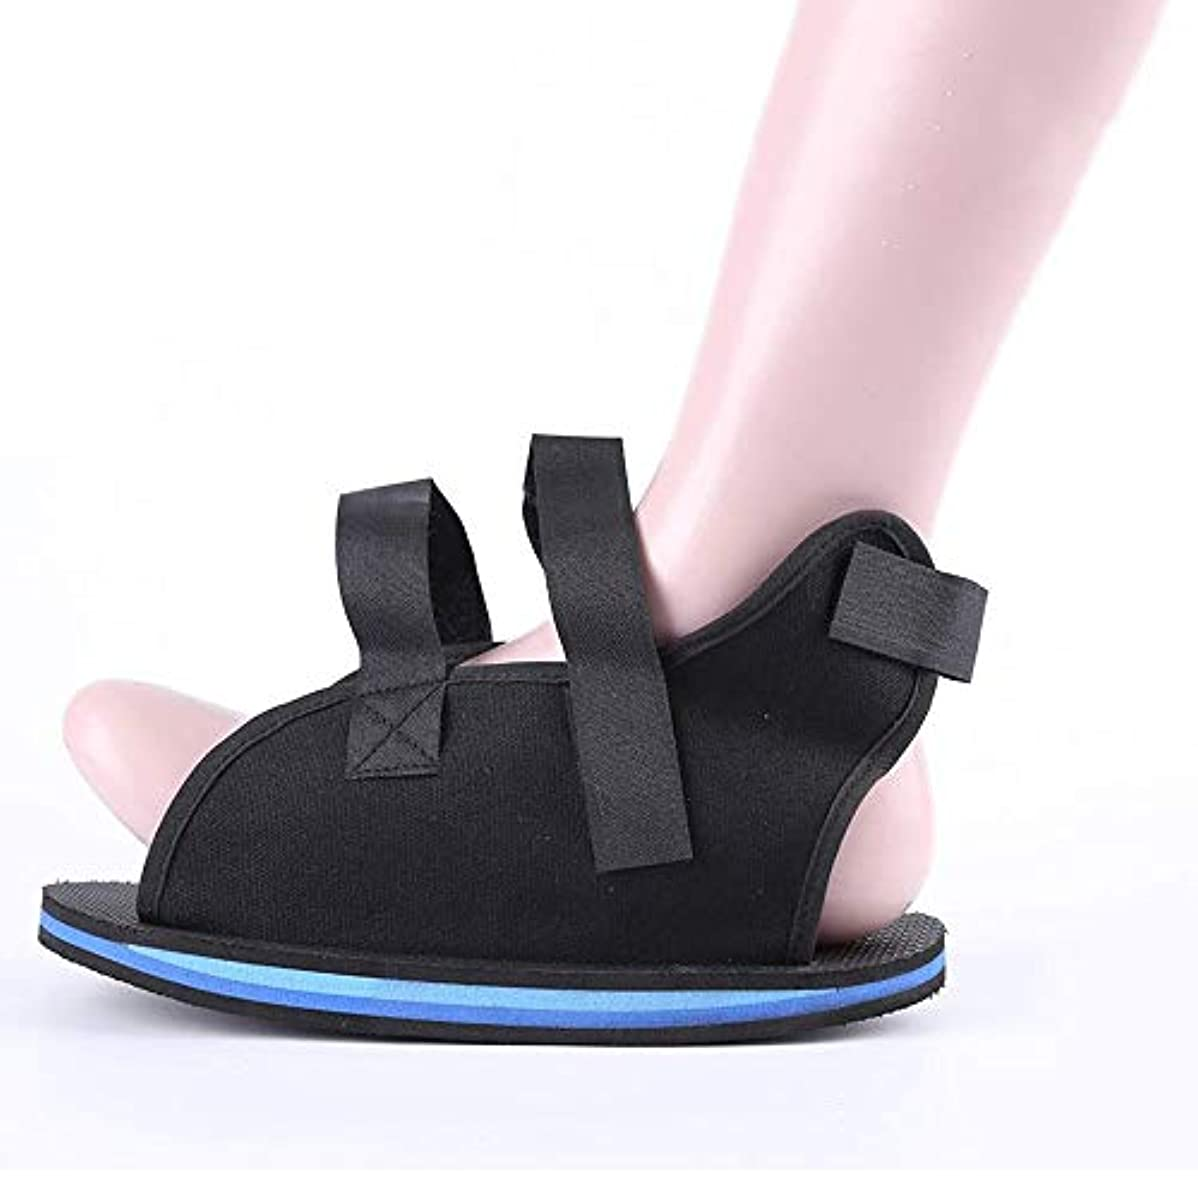 に対処する石の過敏な壊れたつま先/足の骨折のための術後靴 - カスタムフィットのための調節可能なストラップ付きの軽量医療ウォーキングブーツシューズ (Size : S)